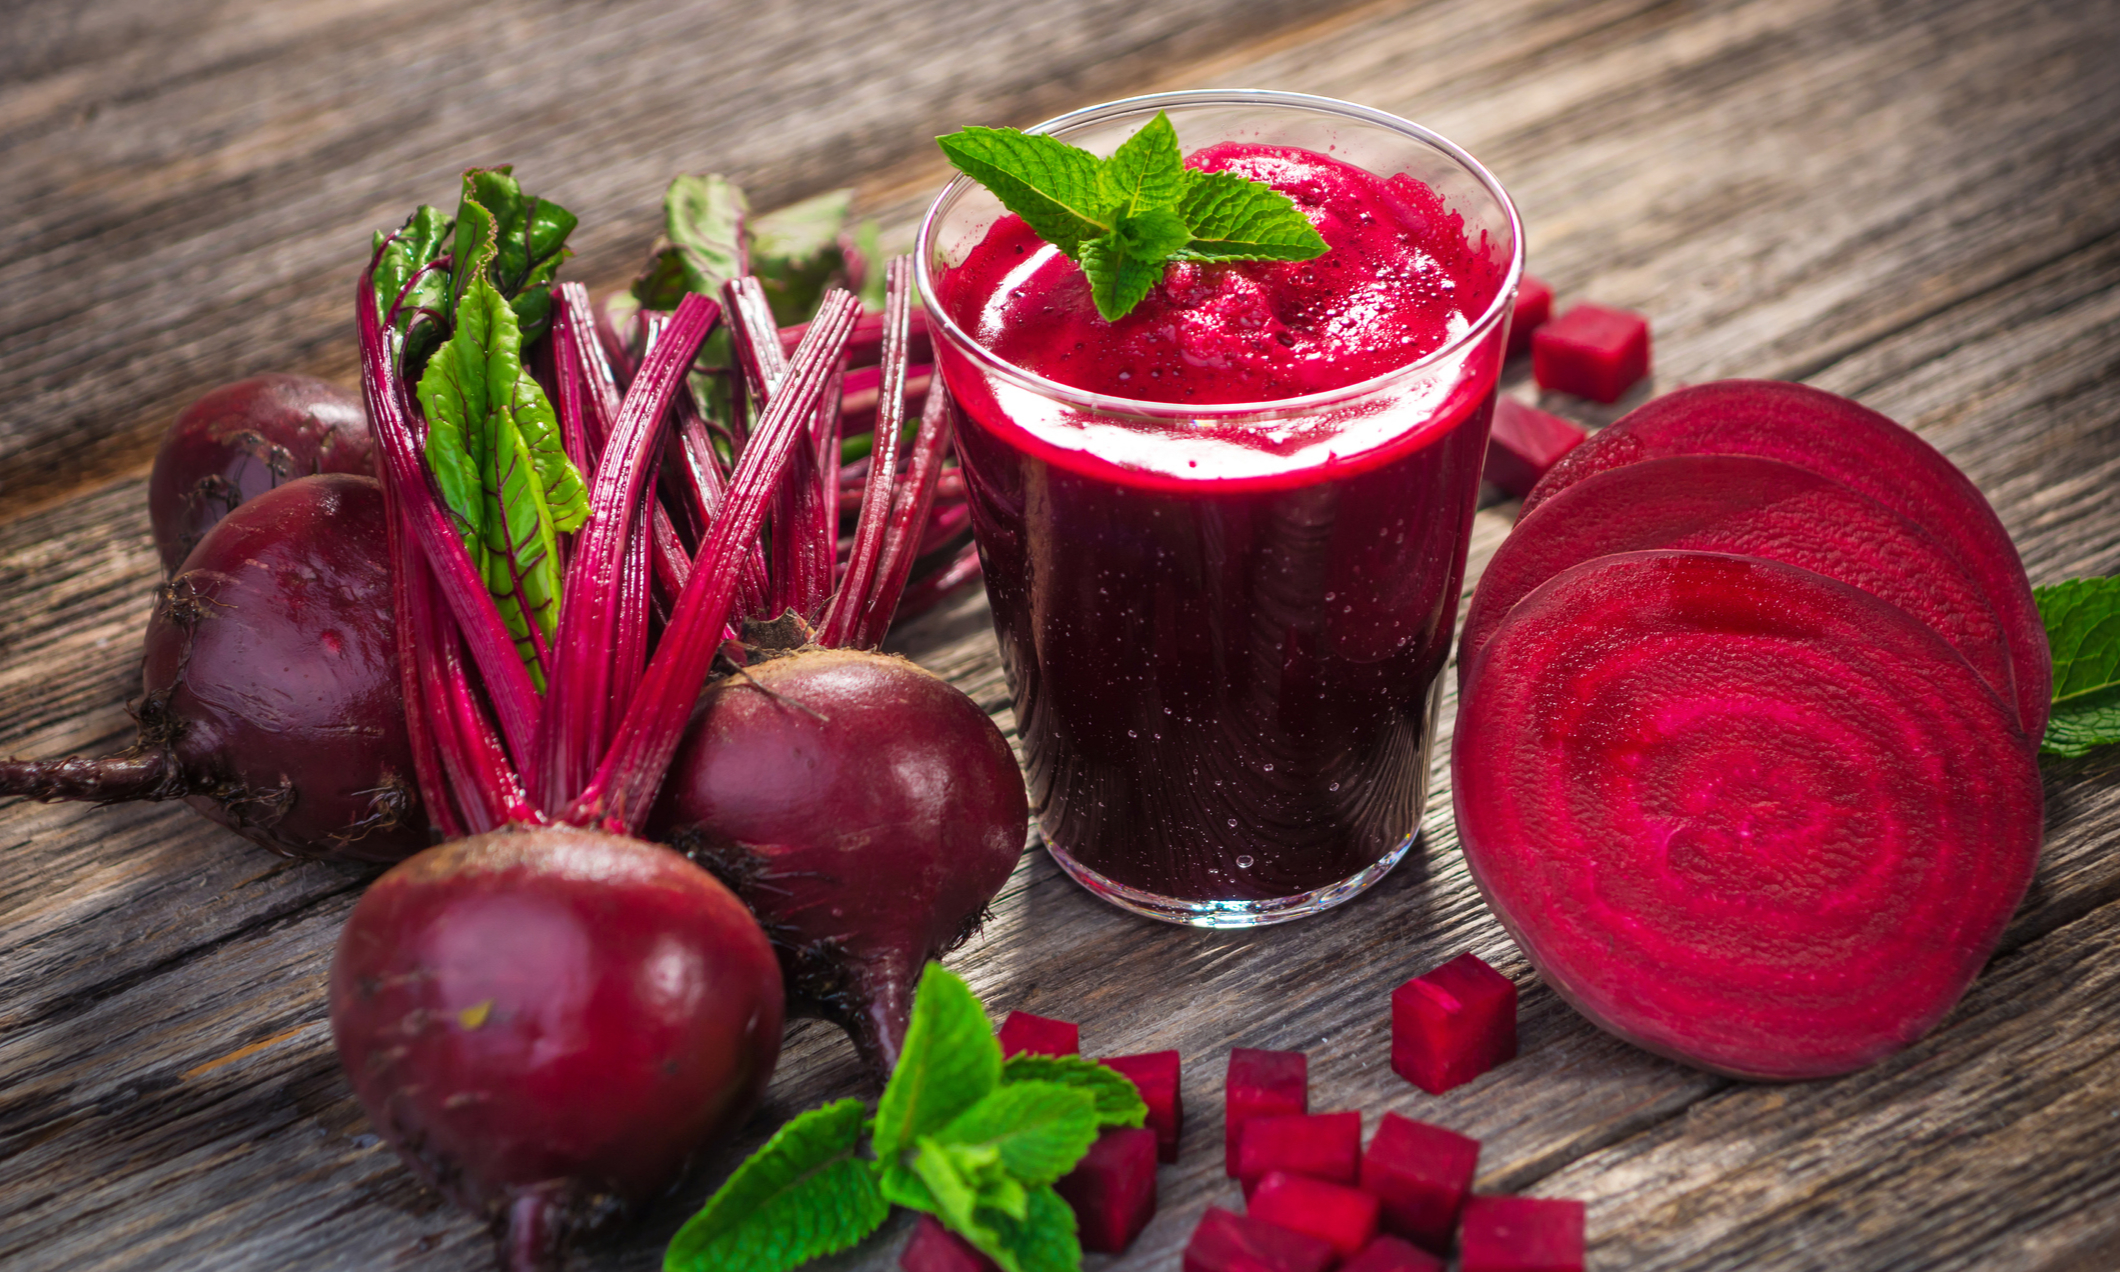 Можно ли есть свеклу каждый день, сколько грамм корнеплода нужно считать нормой, что будет, если употреблять сырой или приготовленный овощ ежесуточно?